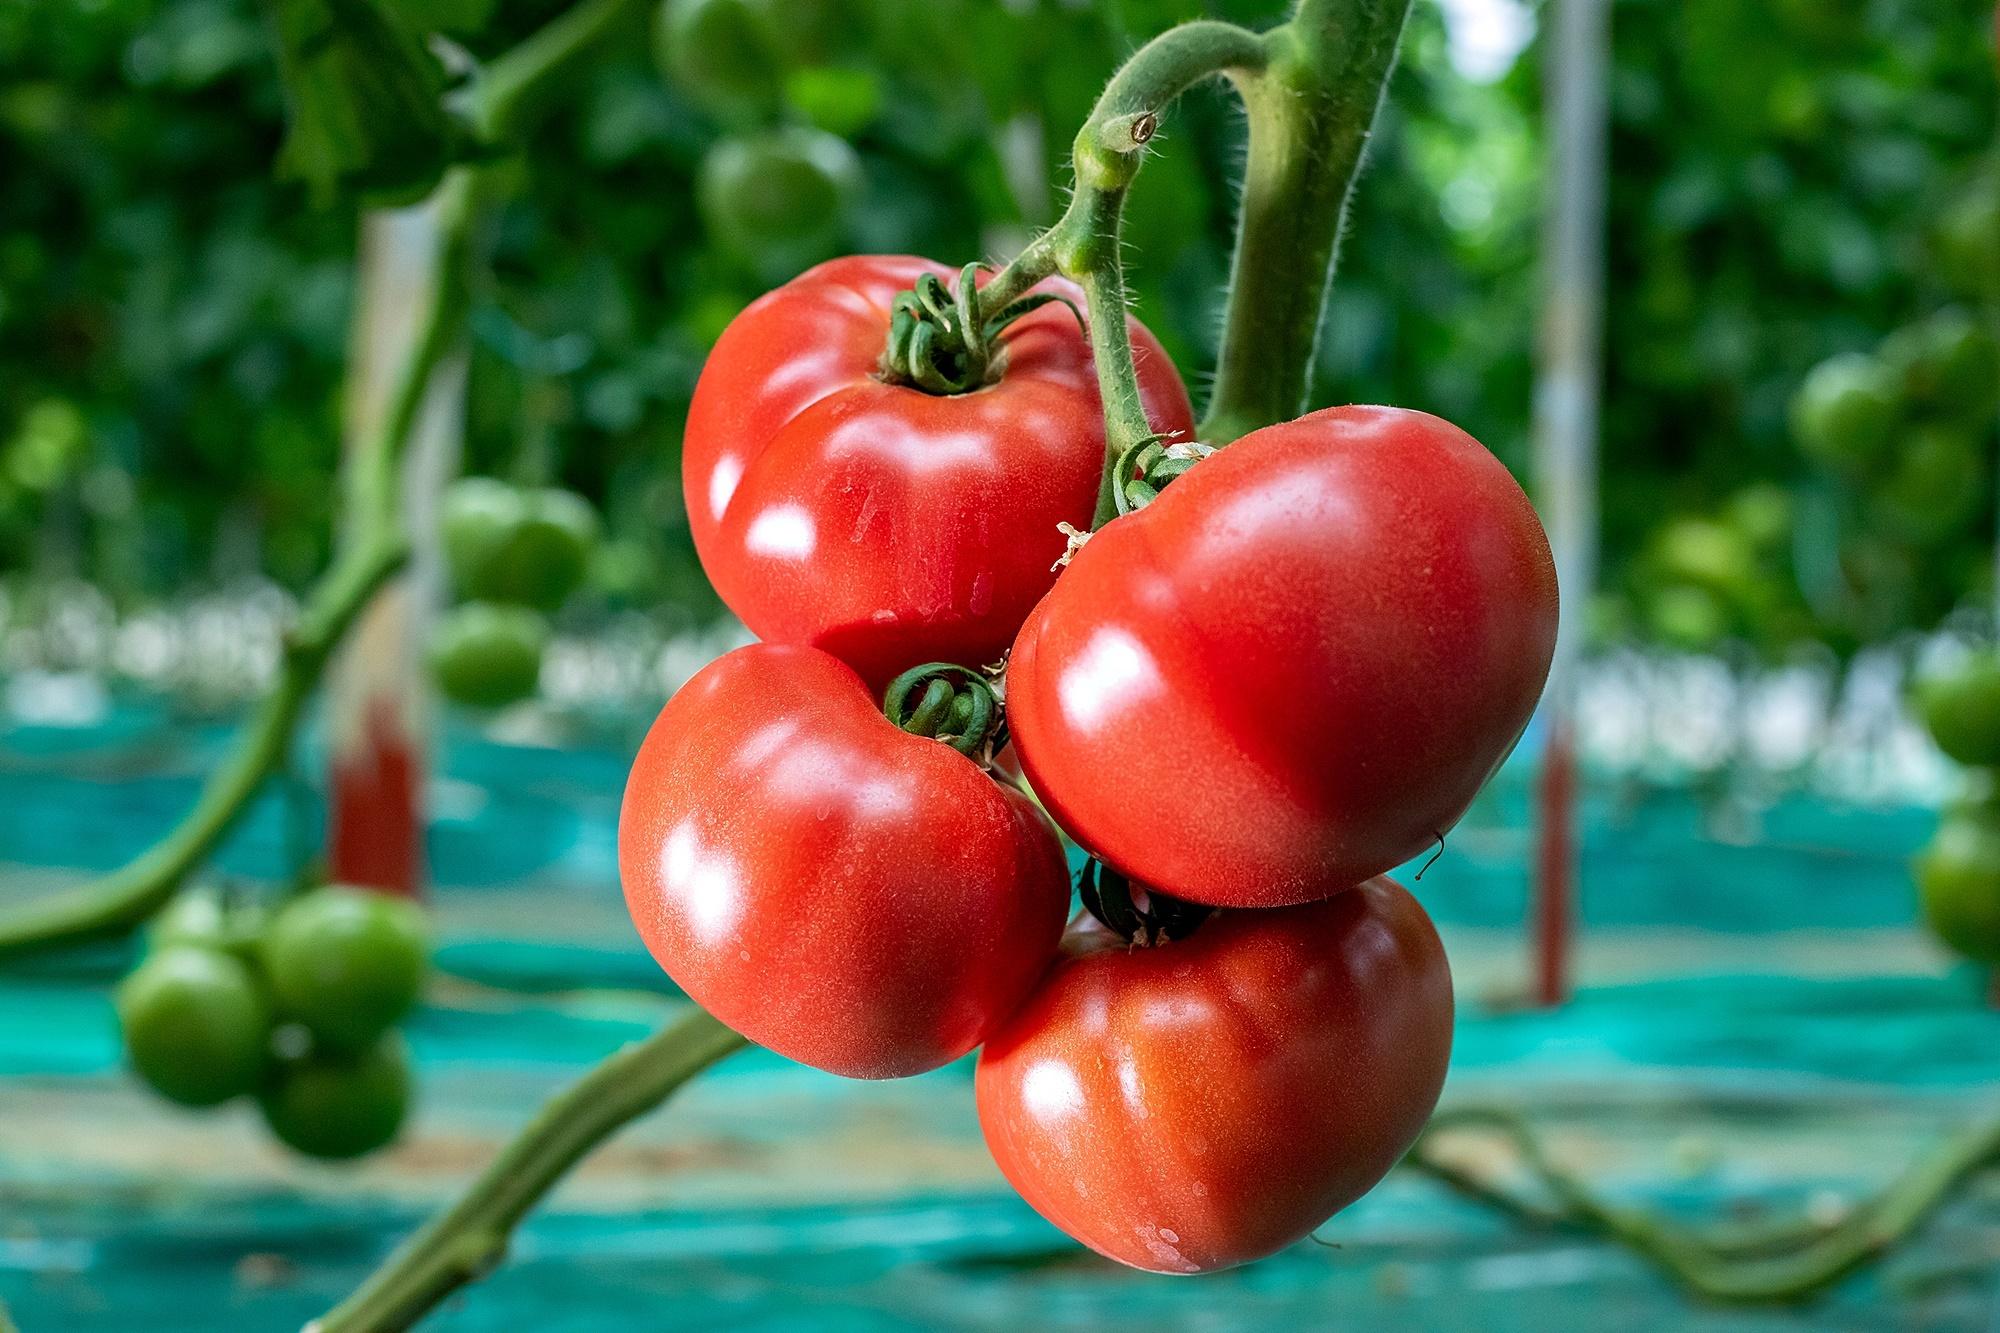 銚子トマト[2]